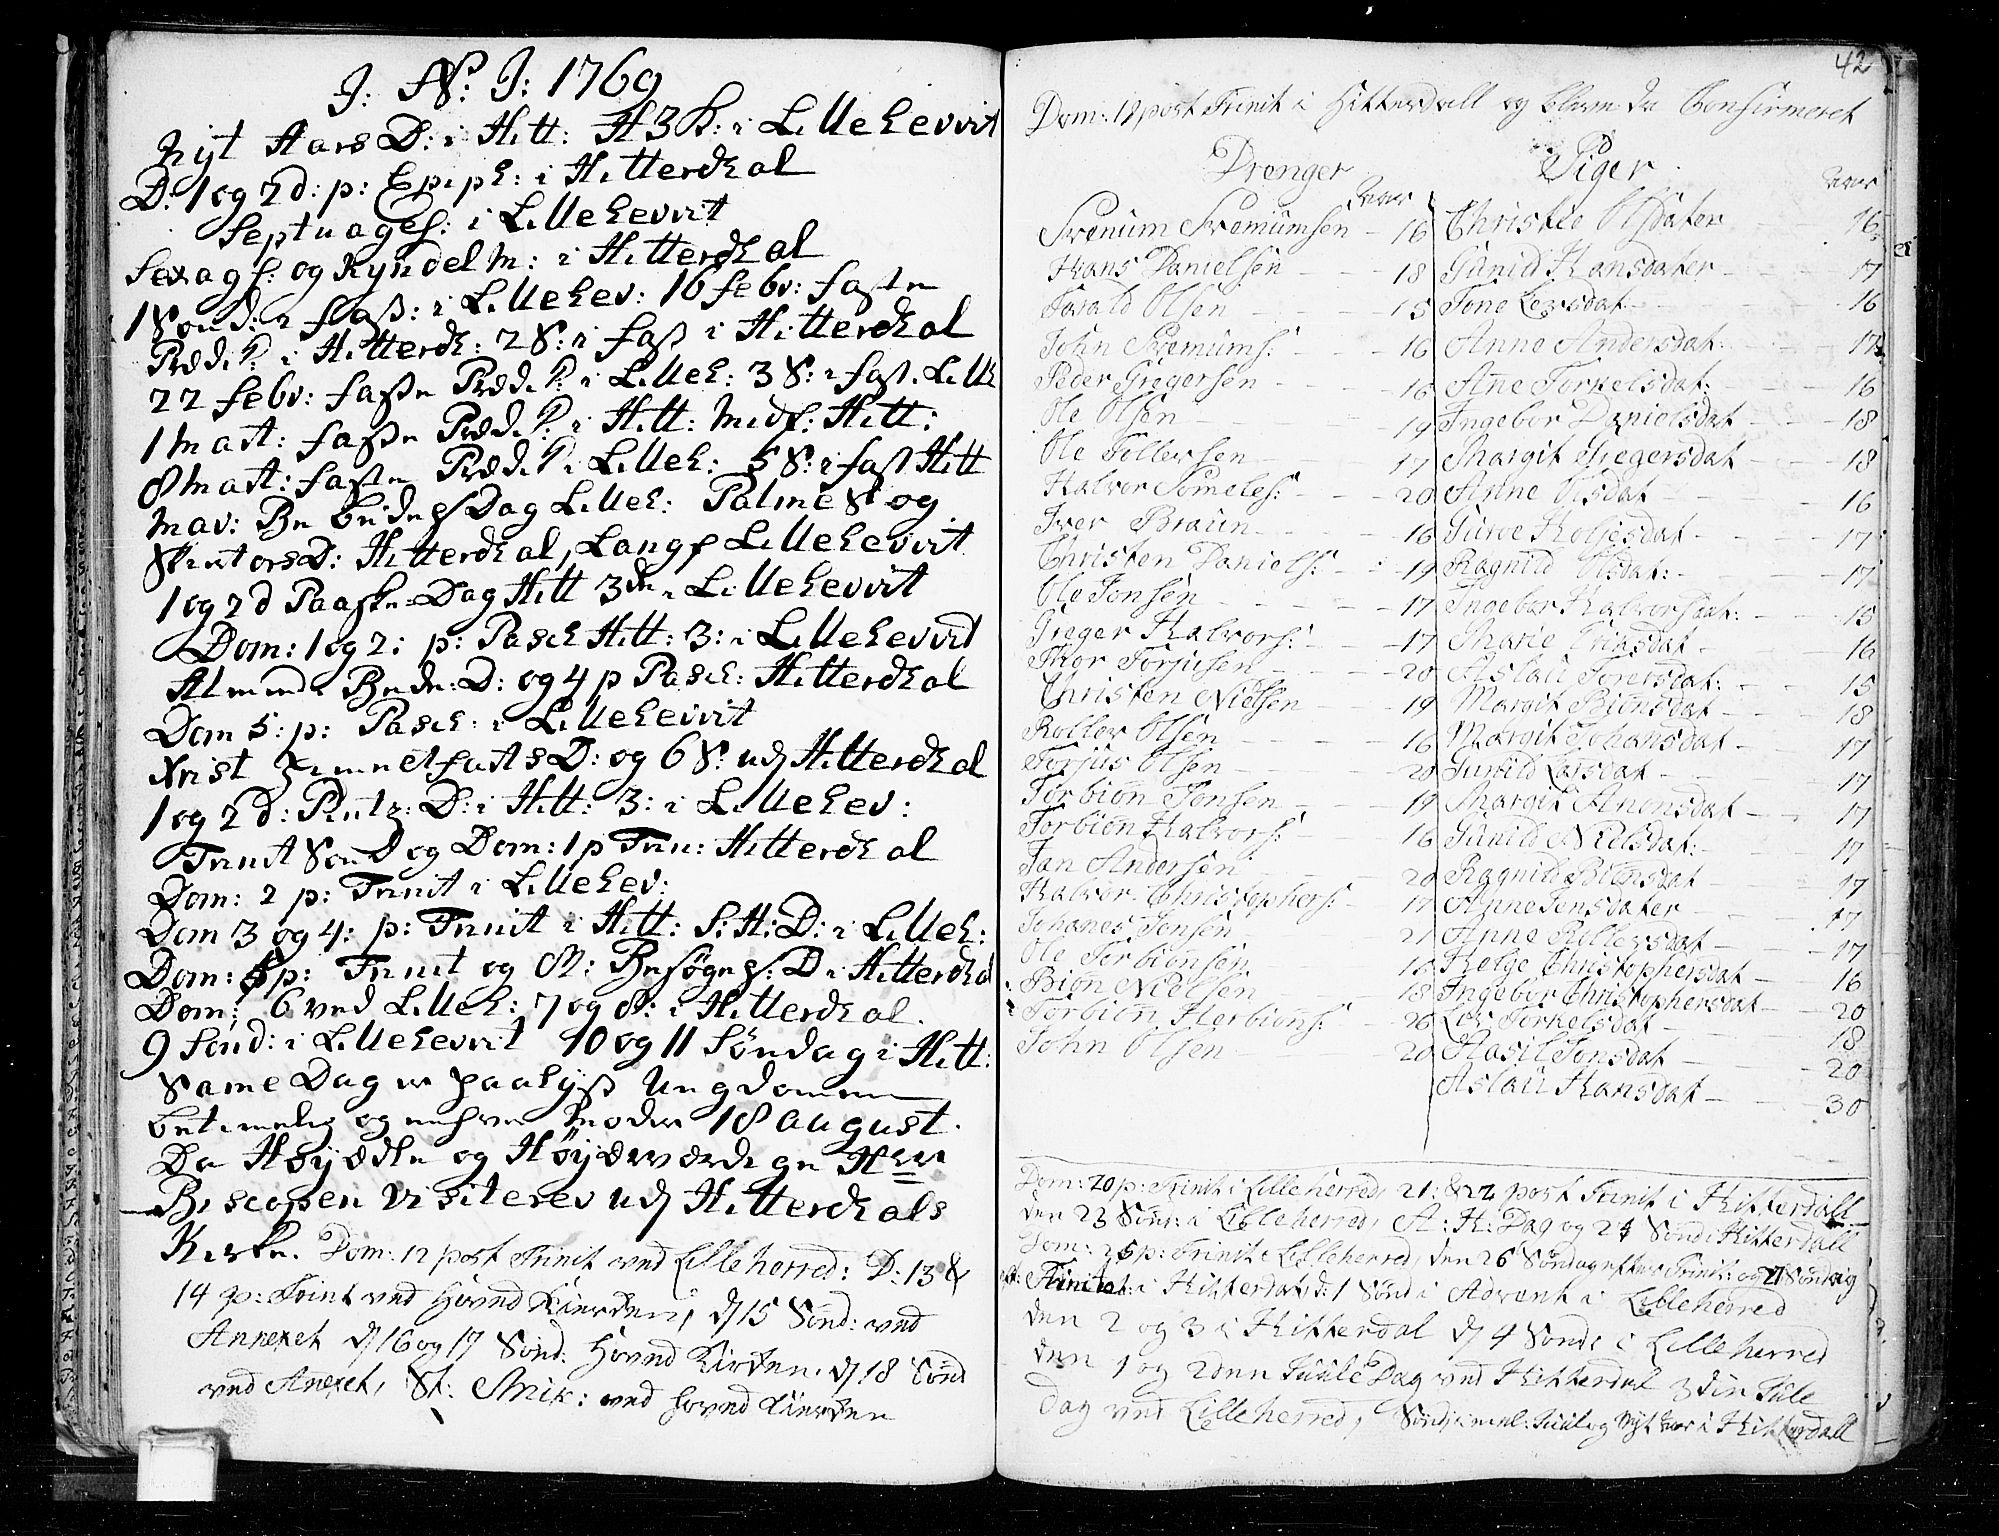 SAKO, Heddal kirkebøker, F/Fa/L0003: Ministerialbok nr. I 3, 1723-1783, s. 42